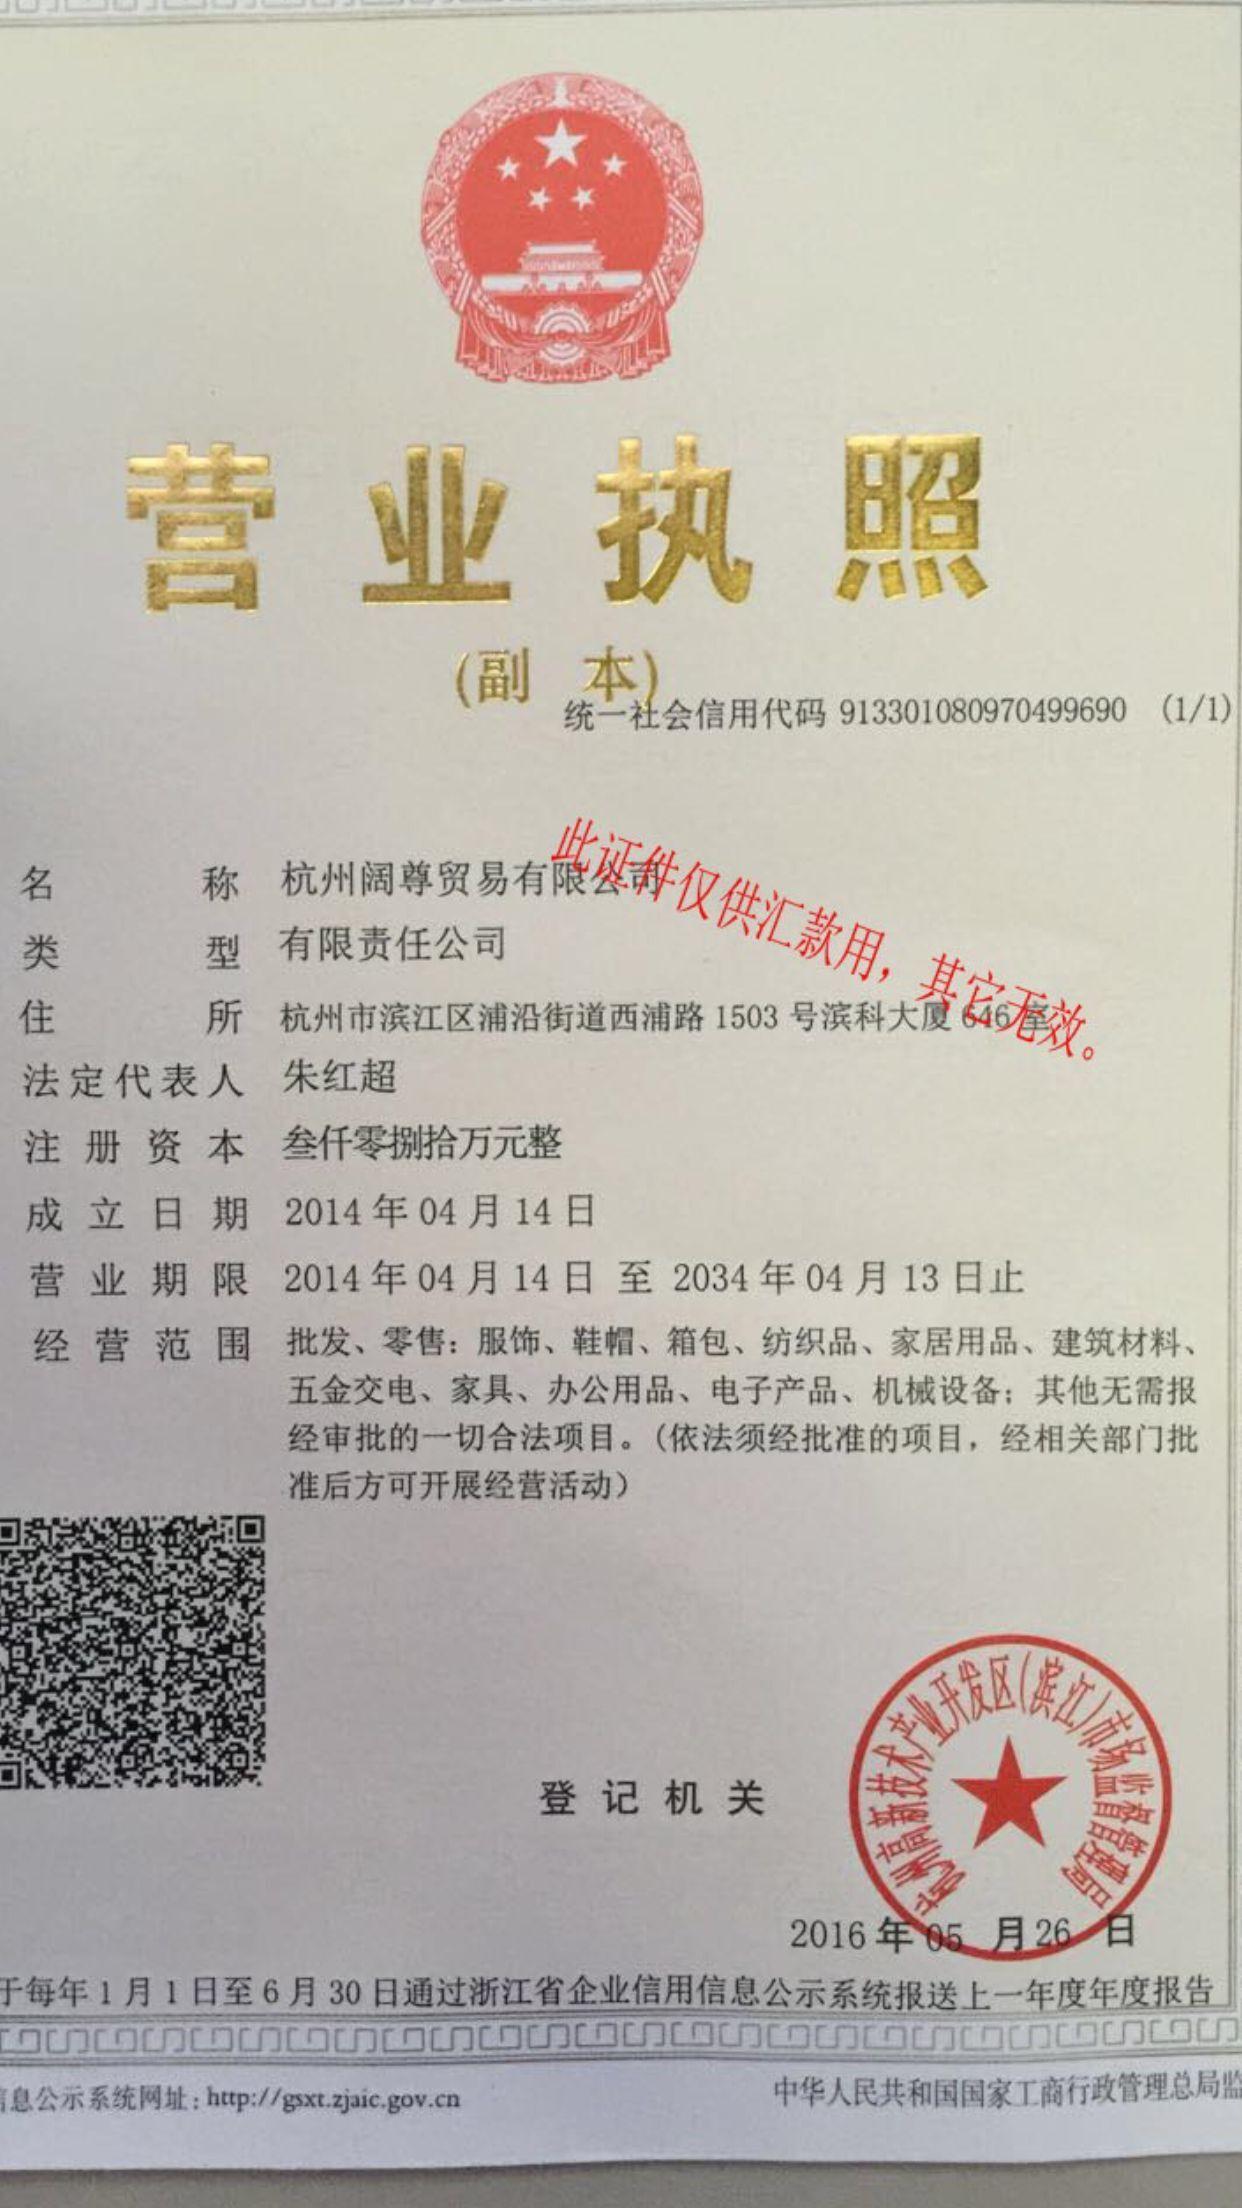 杭州阔尊贸易有限公司企业档案